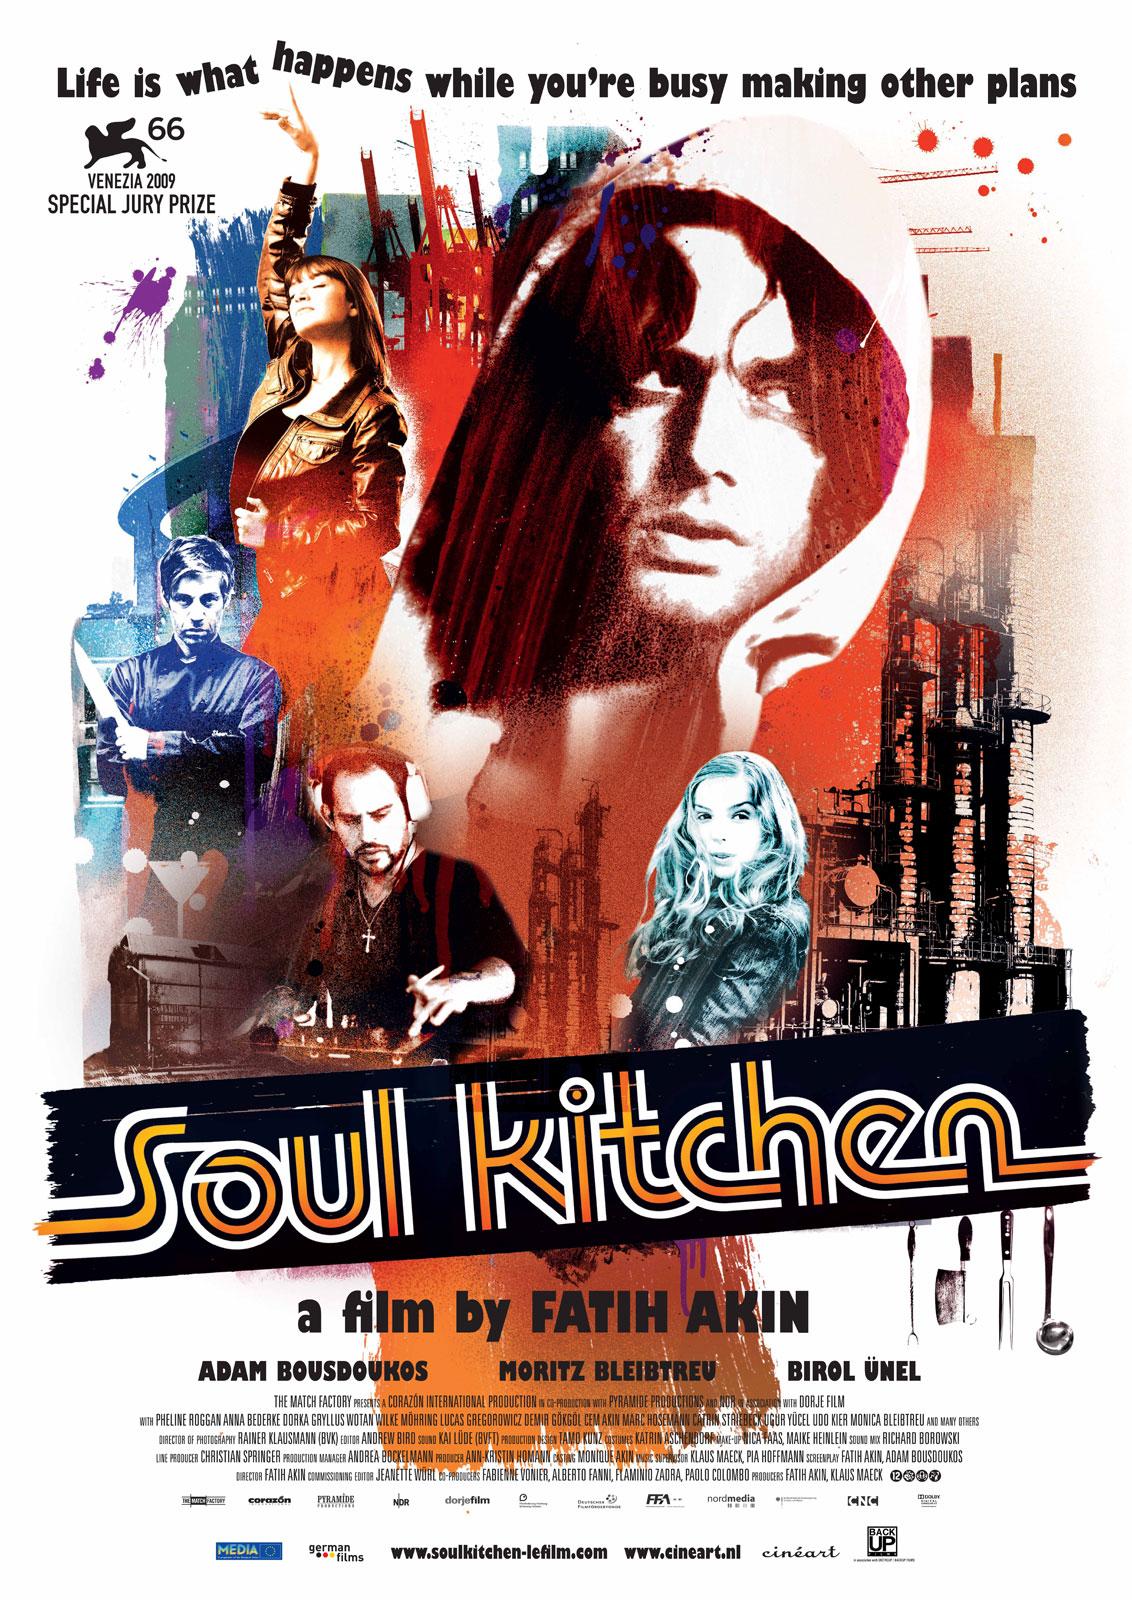 Soul Kitchen - Fatih Akin